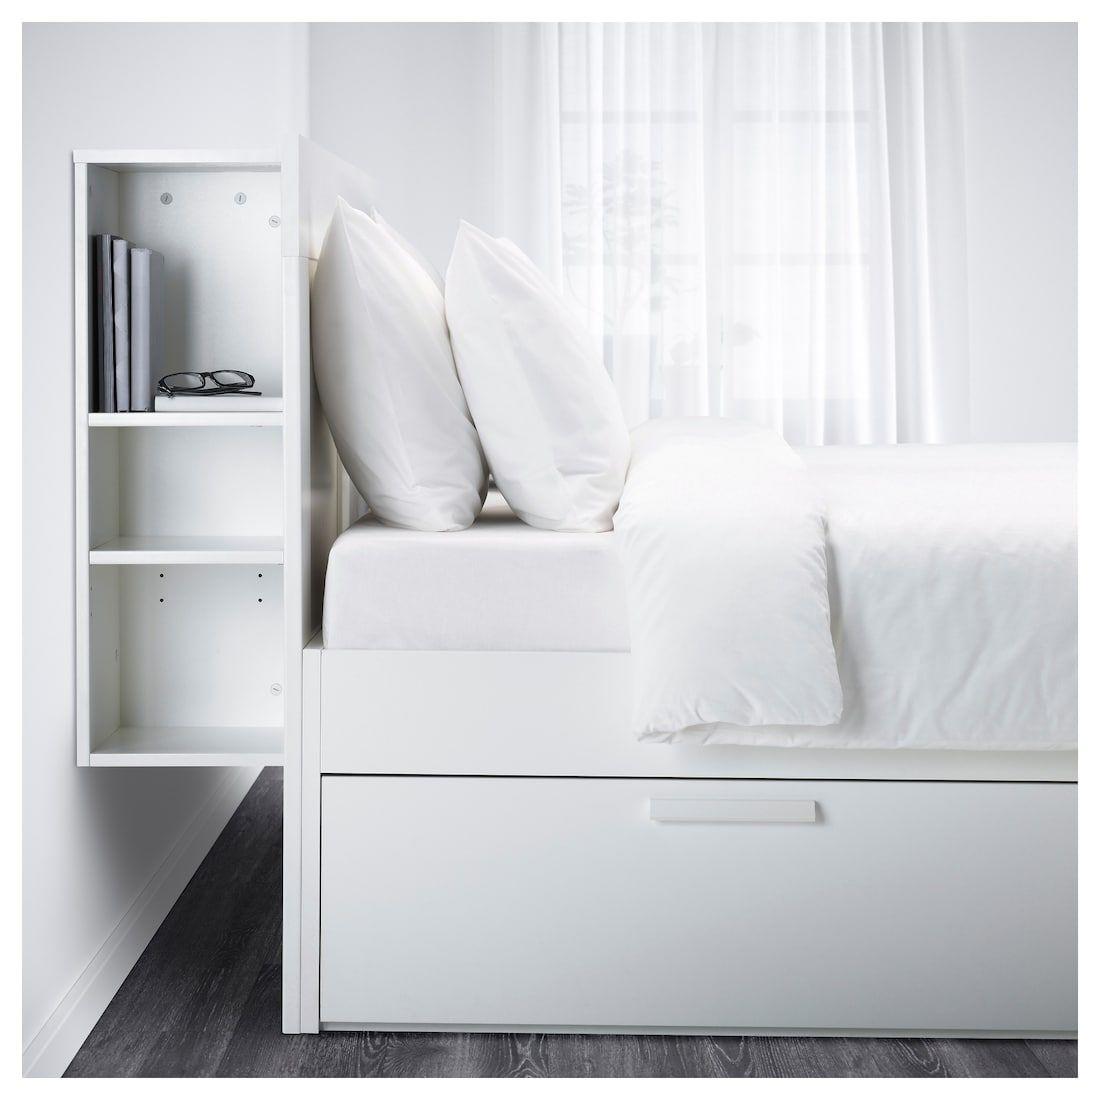 Brimnes Bettgestell Kopfteil Und Schublade Weiss Lonset Ikea Deutschland Bed Frame With Storage Headboard Storage Brimnes Bed